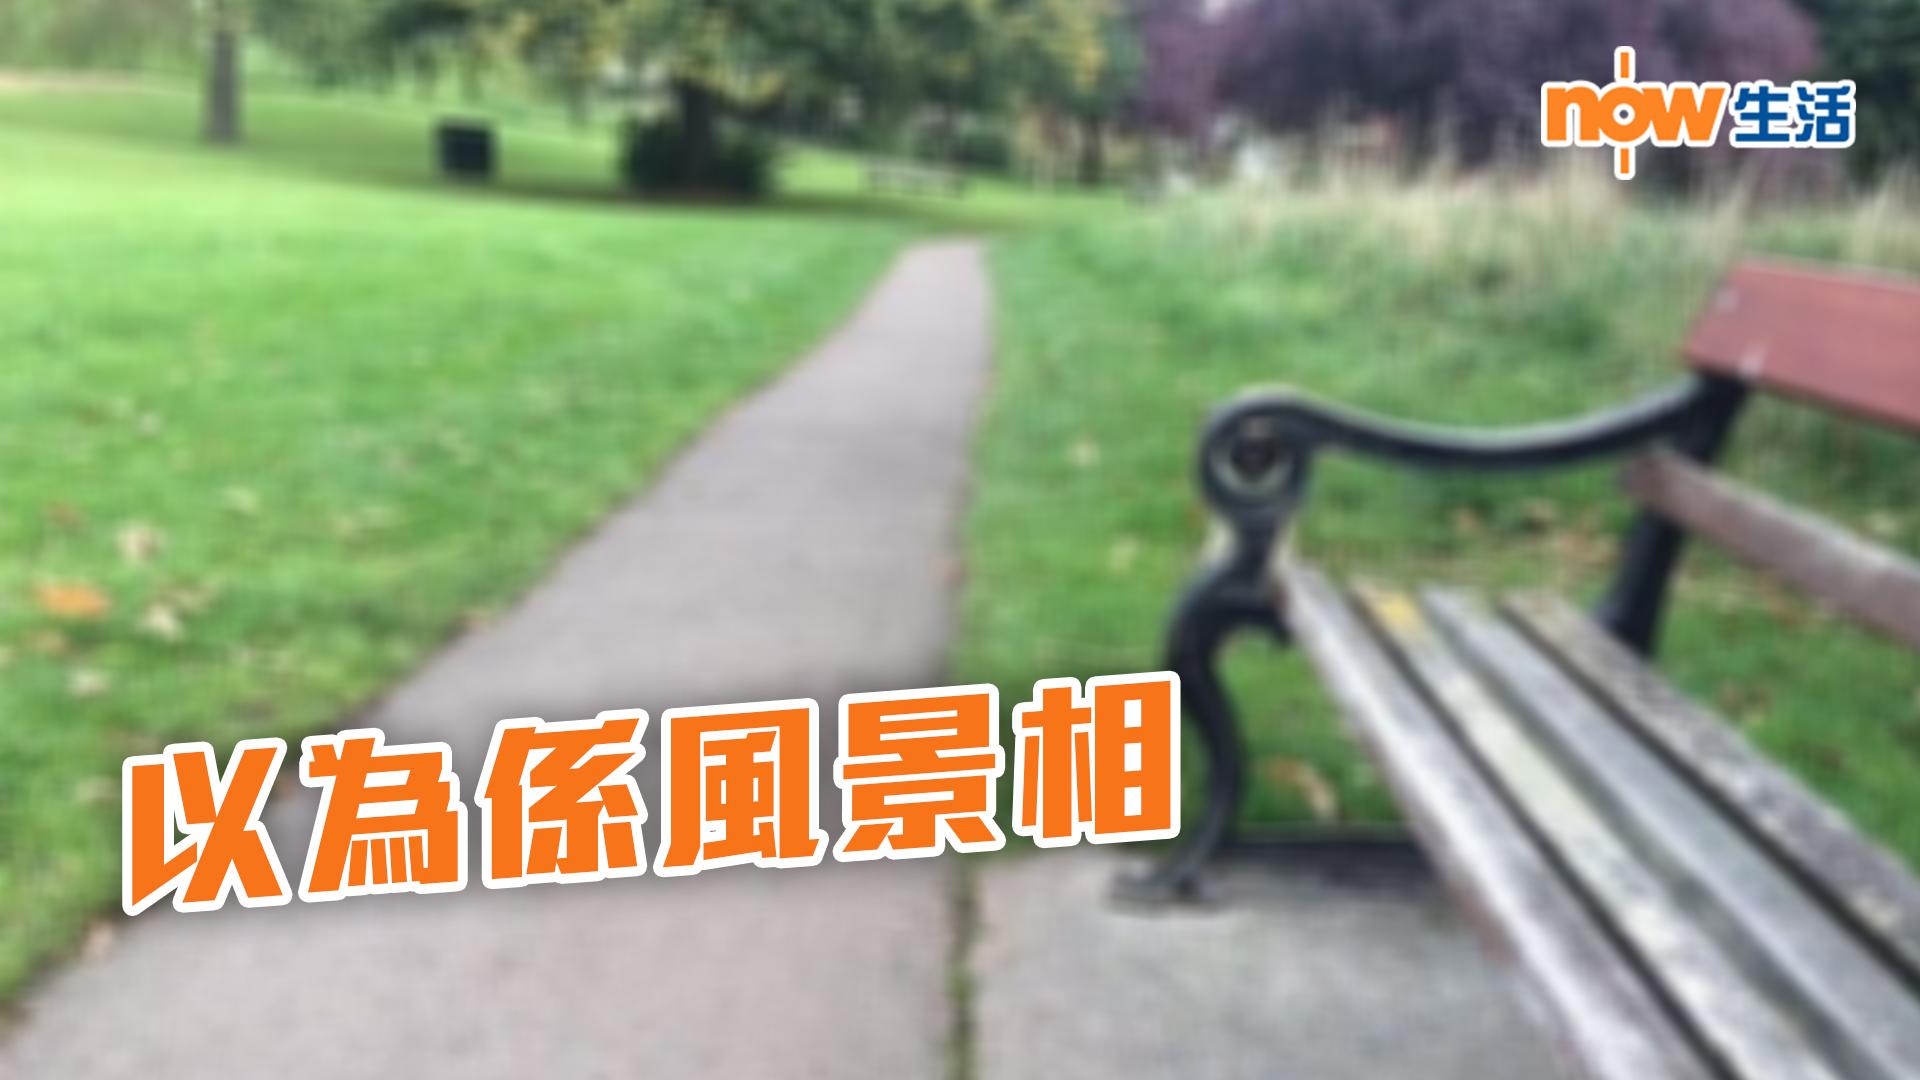 〈好笑〉英主人放狗影相 八哥完美融入無人公園